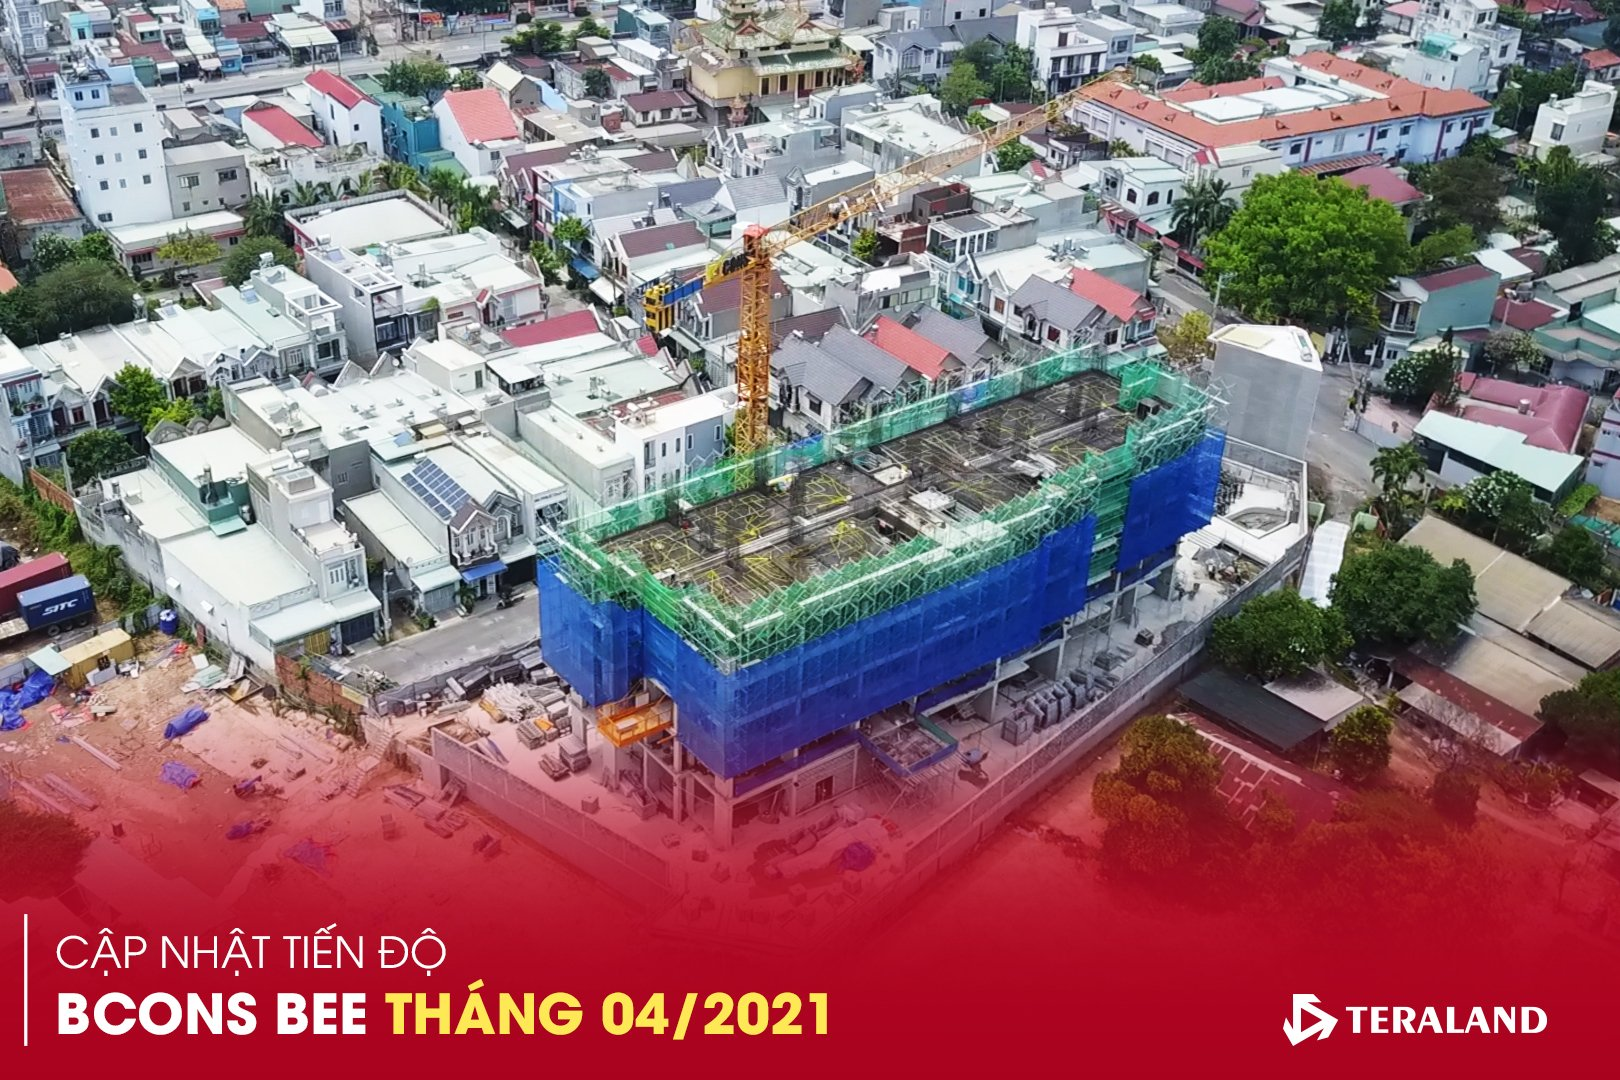 Tiến độ dự án Bcons Bee tháng 04/2021